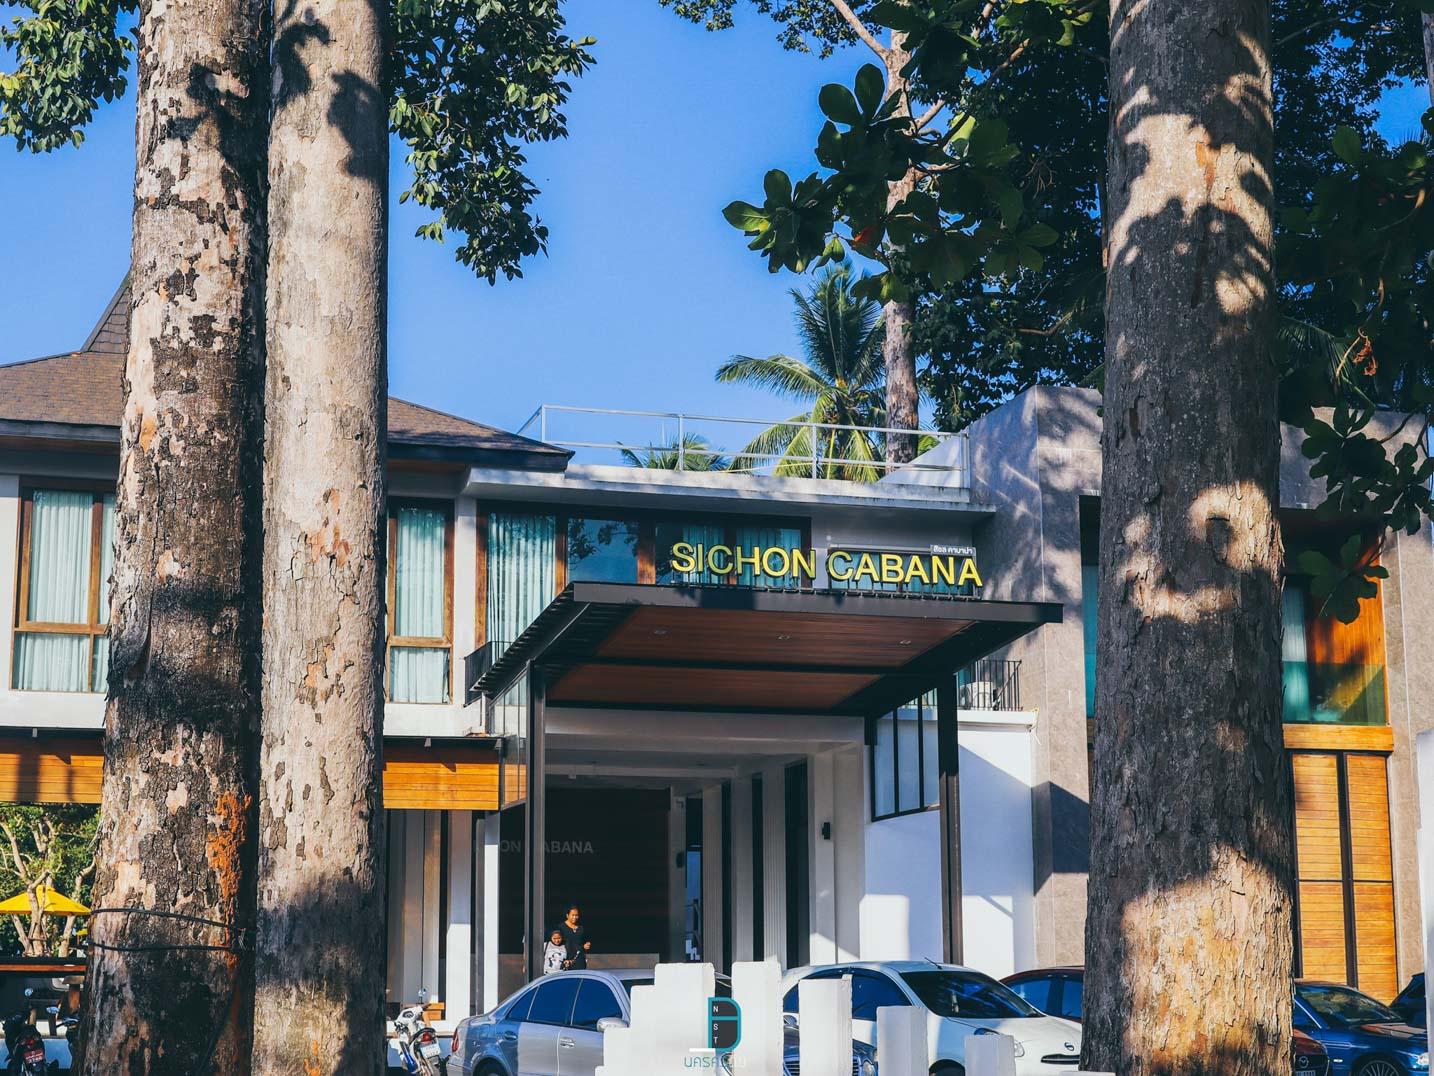 ที่พักสุดหรู สิชล Sichon Cabana ที่พักติดสระว่ายน้ำริมทะเลห้องสวยวิวหลักล้าน นครศรีธรรมราช นครศรีดีย์